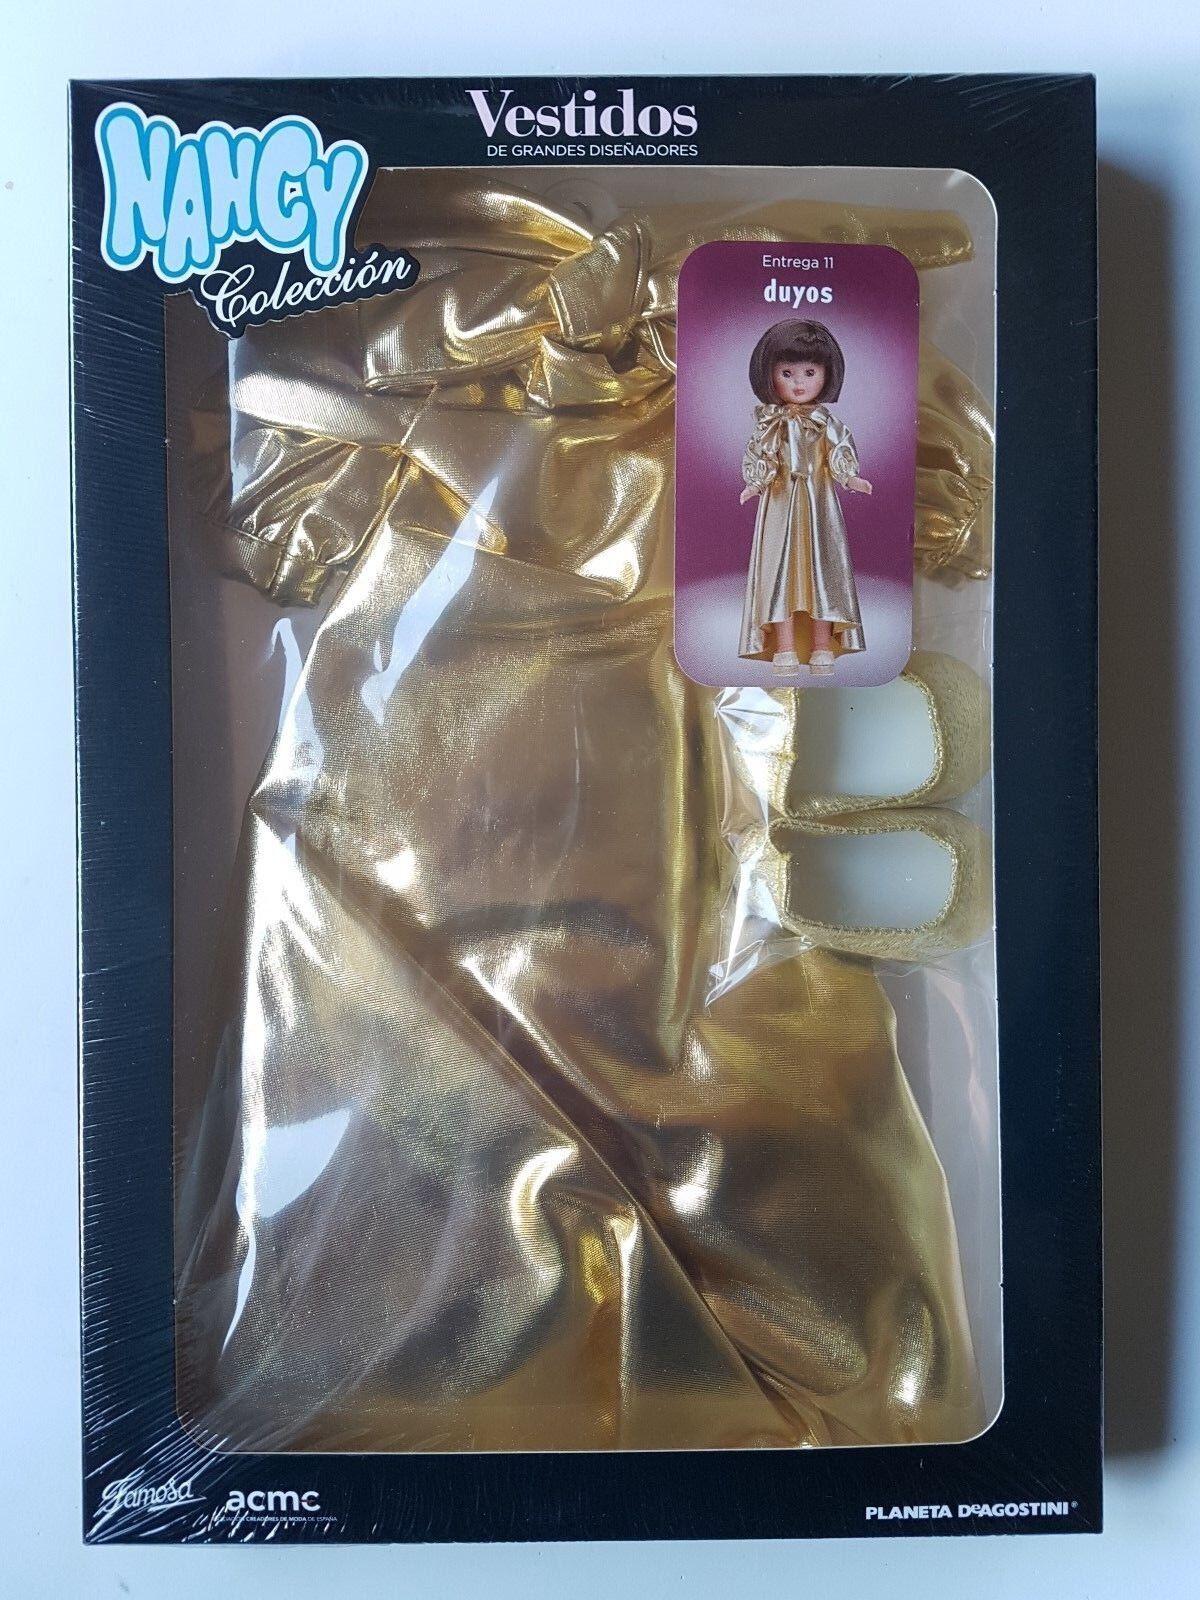 Muñecas Nancy Coleccion Vestidos Vestidos Vestidos Grandes Diseñadores Vestido Nº 11, Duyos 1f005f